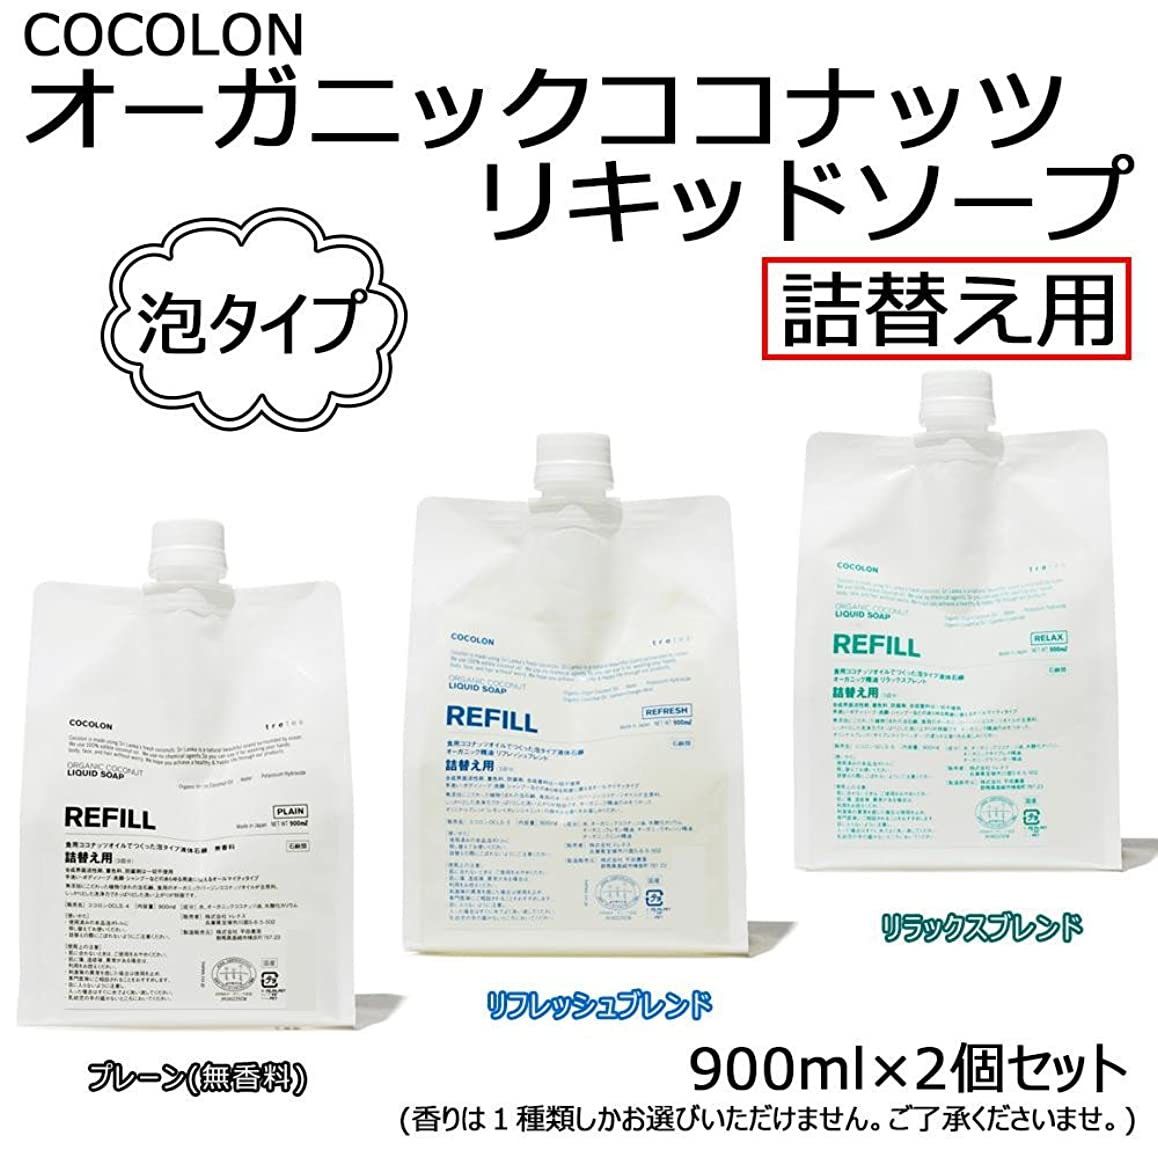 アレルギー性誕生実現可能性COCOLON ココロン オーガニックココナッツリキッドソープ 泡タイプ 詰替え用 900ml 2個セット リフレッシュブレンド